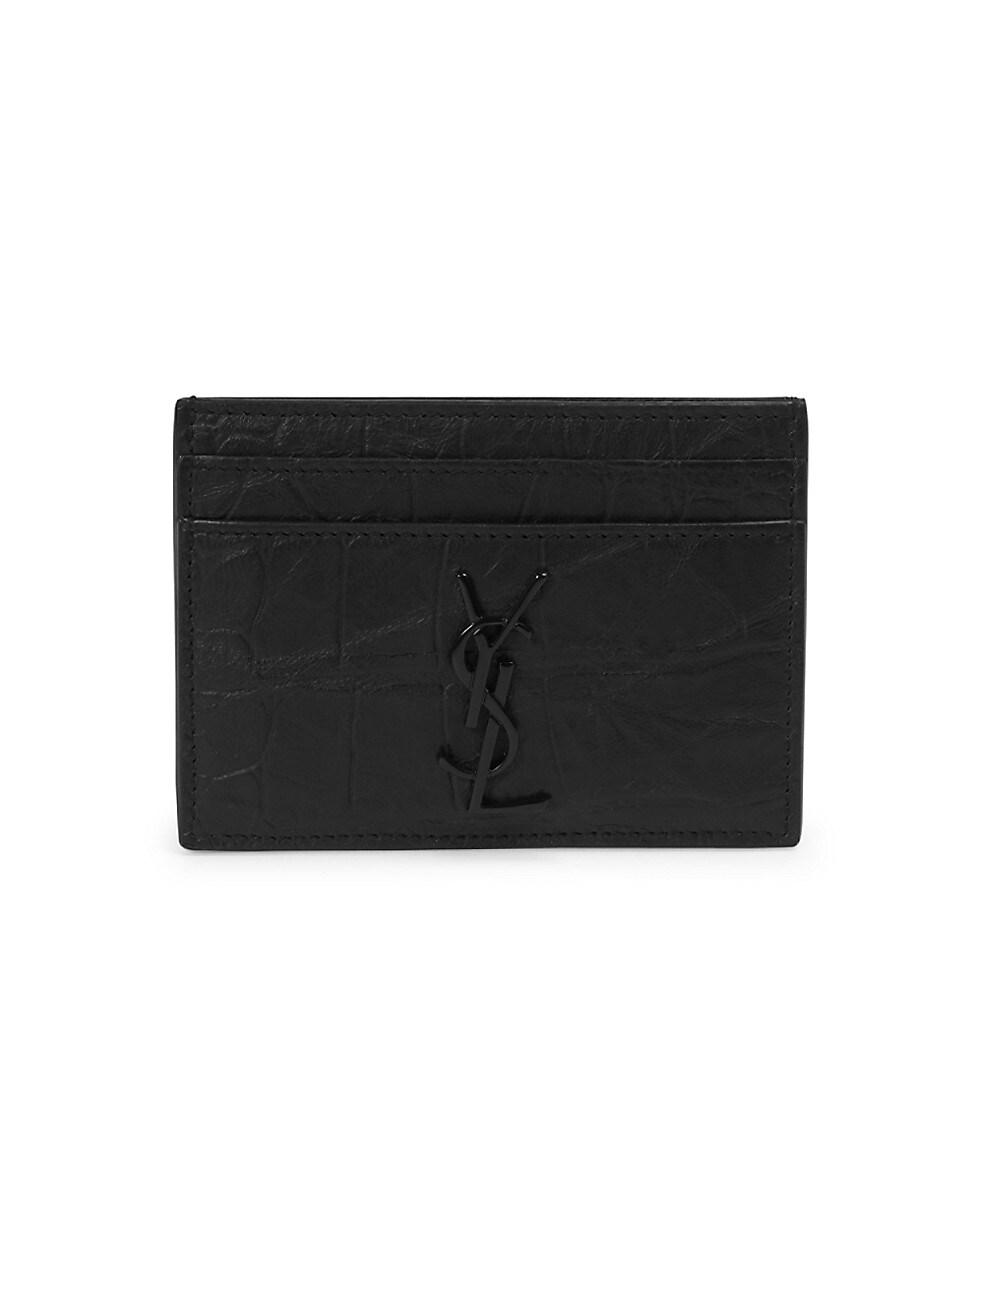 생 로랑 Saint Laurent Embossed Leather Cardholder,BLACK